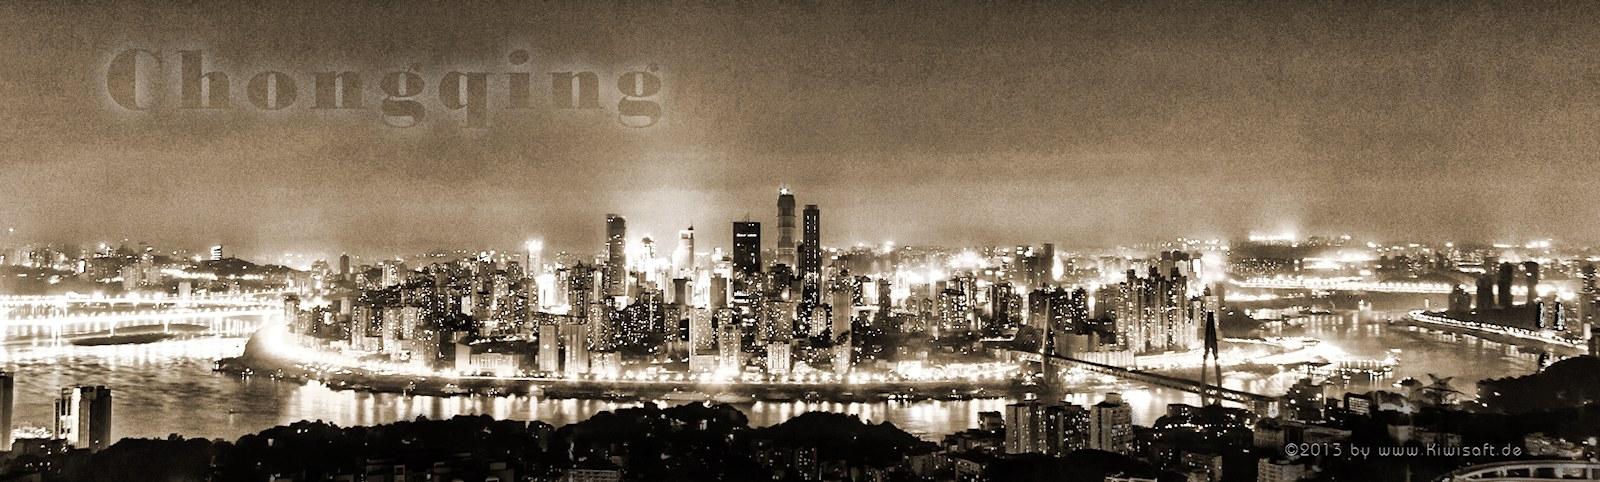 Chongqing retro 8977 by Kiwisaft.de